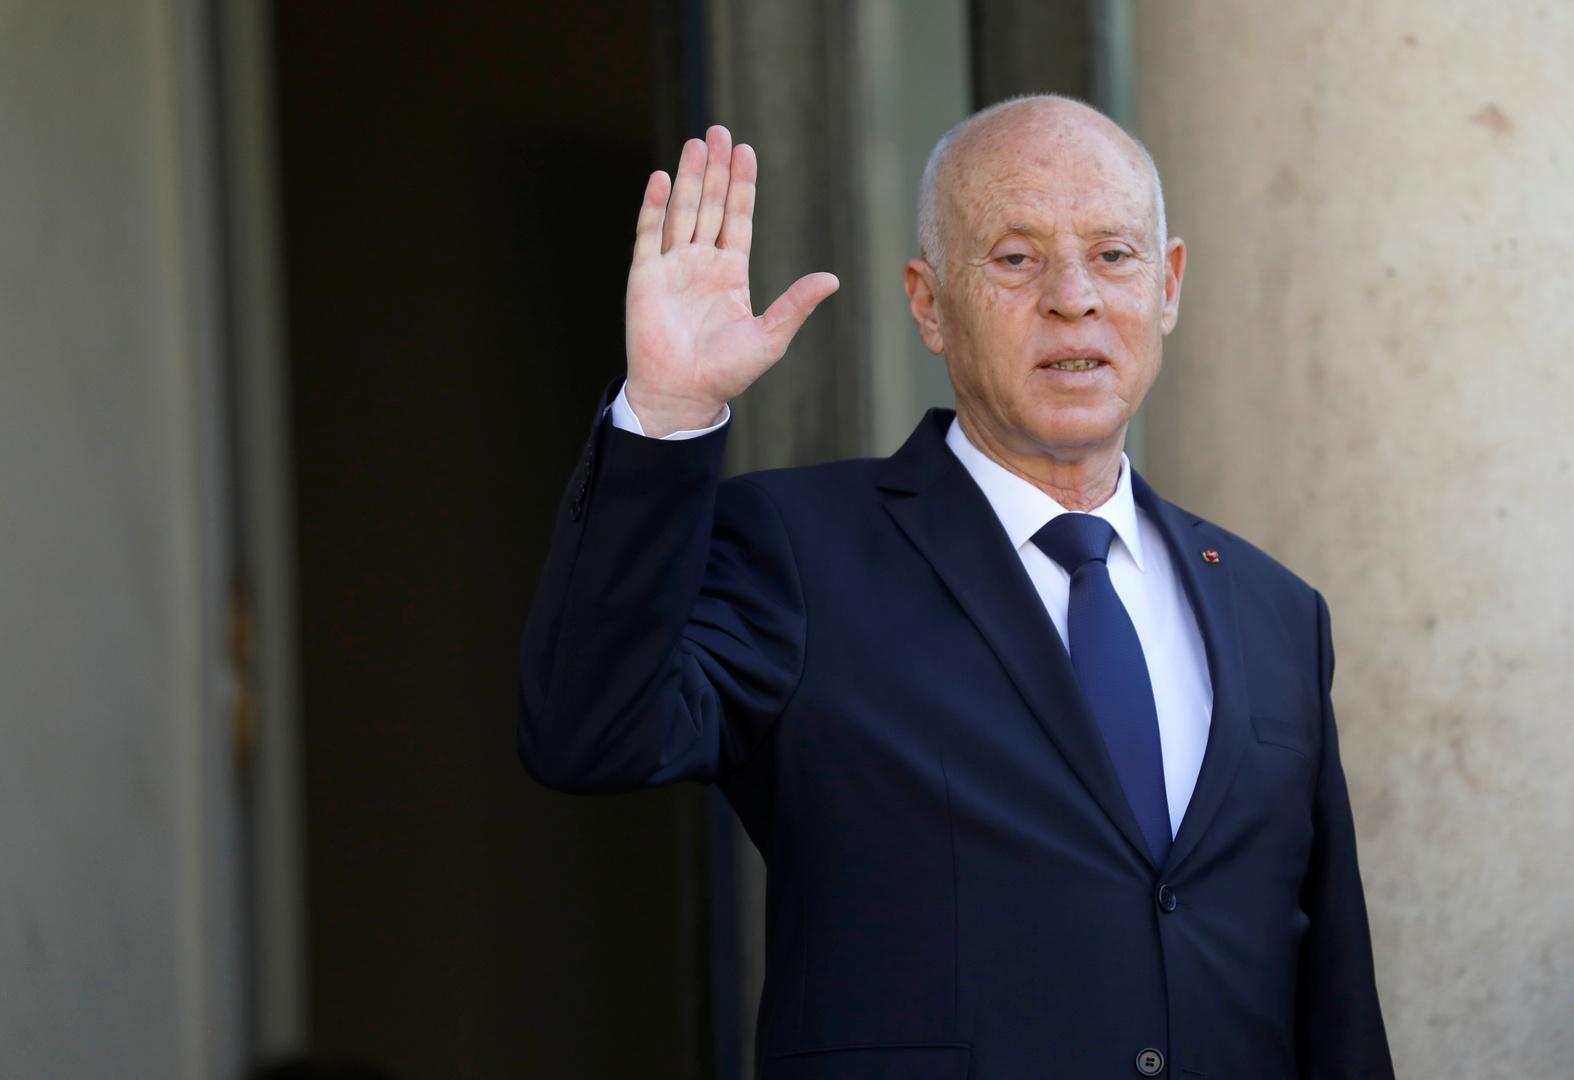 دي مايو يستقبل قيس سعيد في زيارة الرئيس التونسي الأولى لإيطاليا